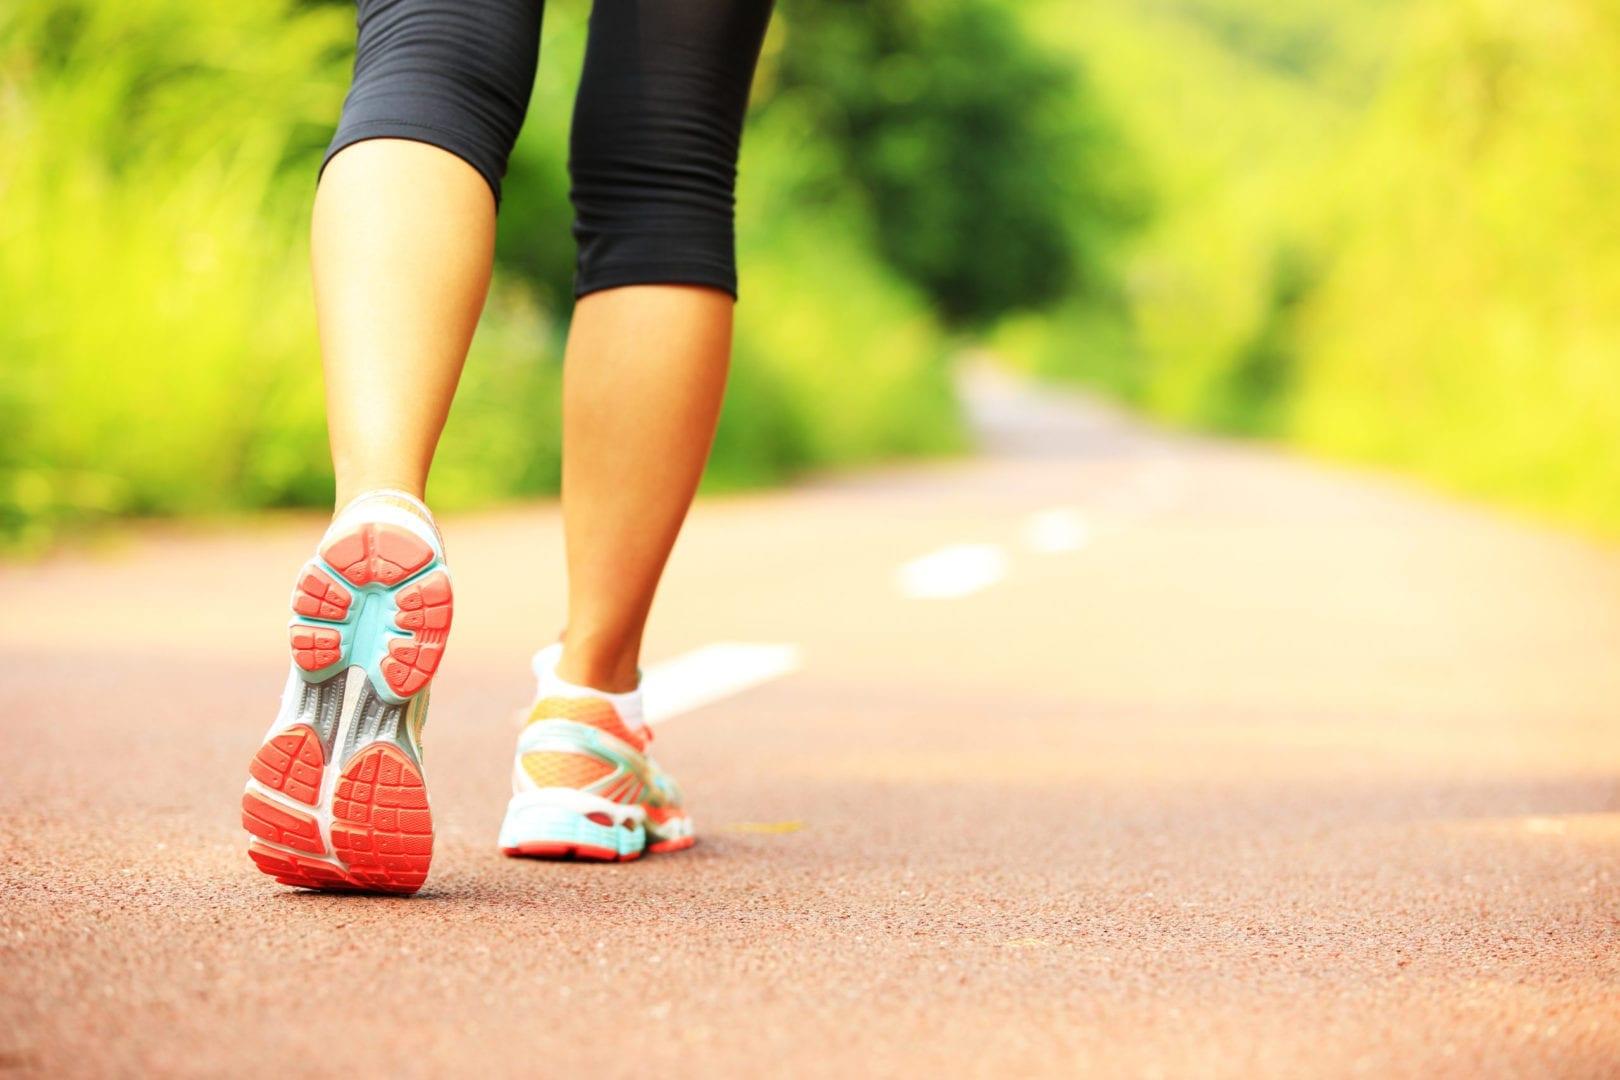 keto workout jogging